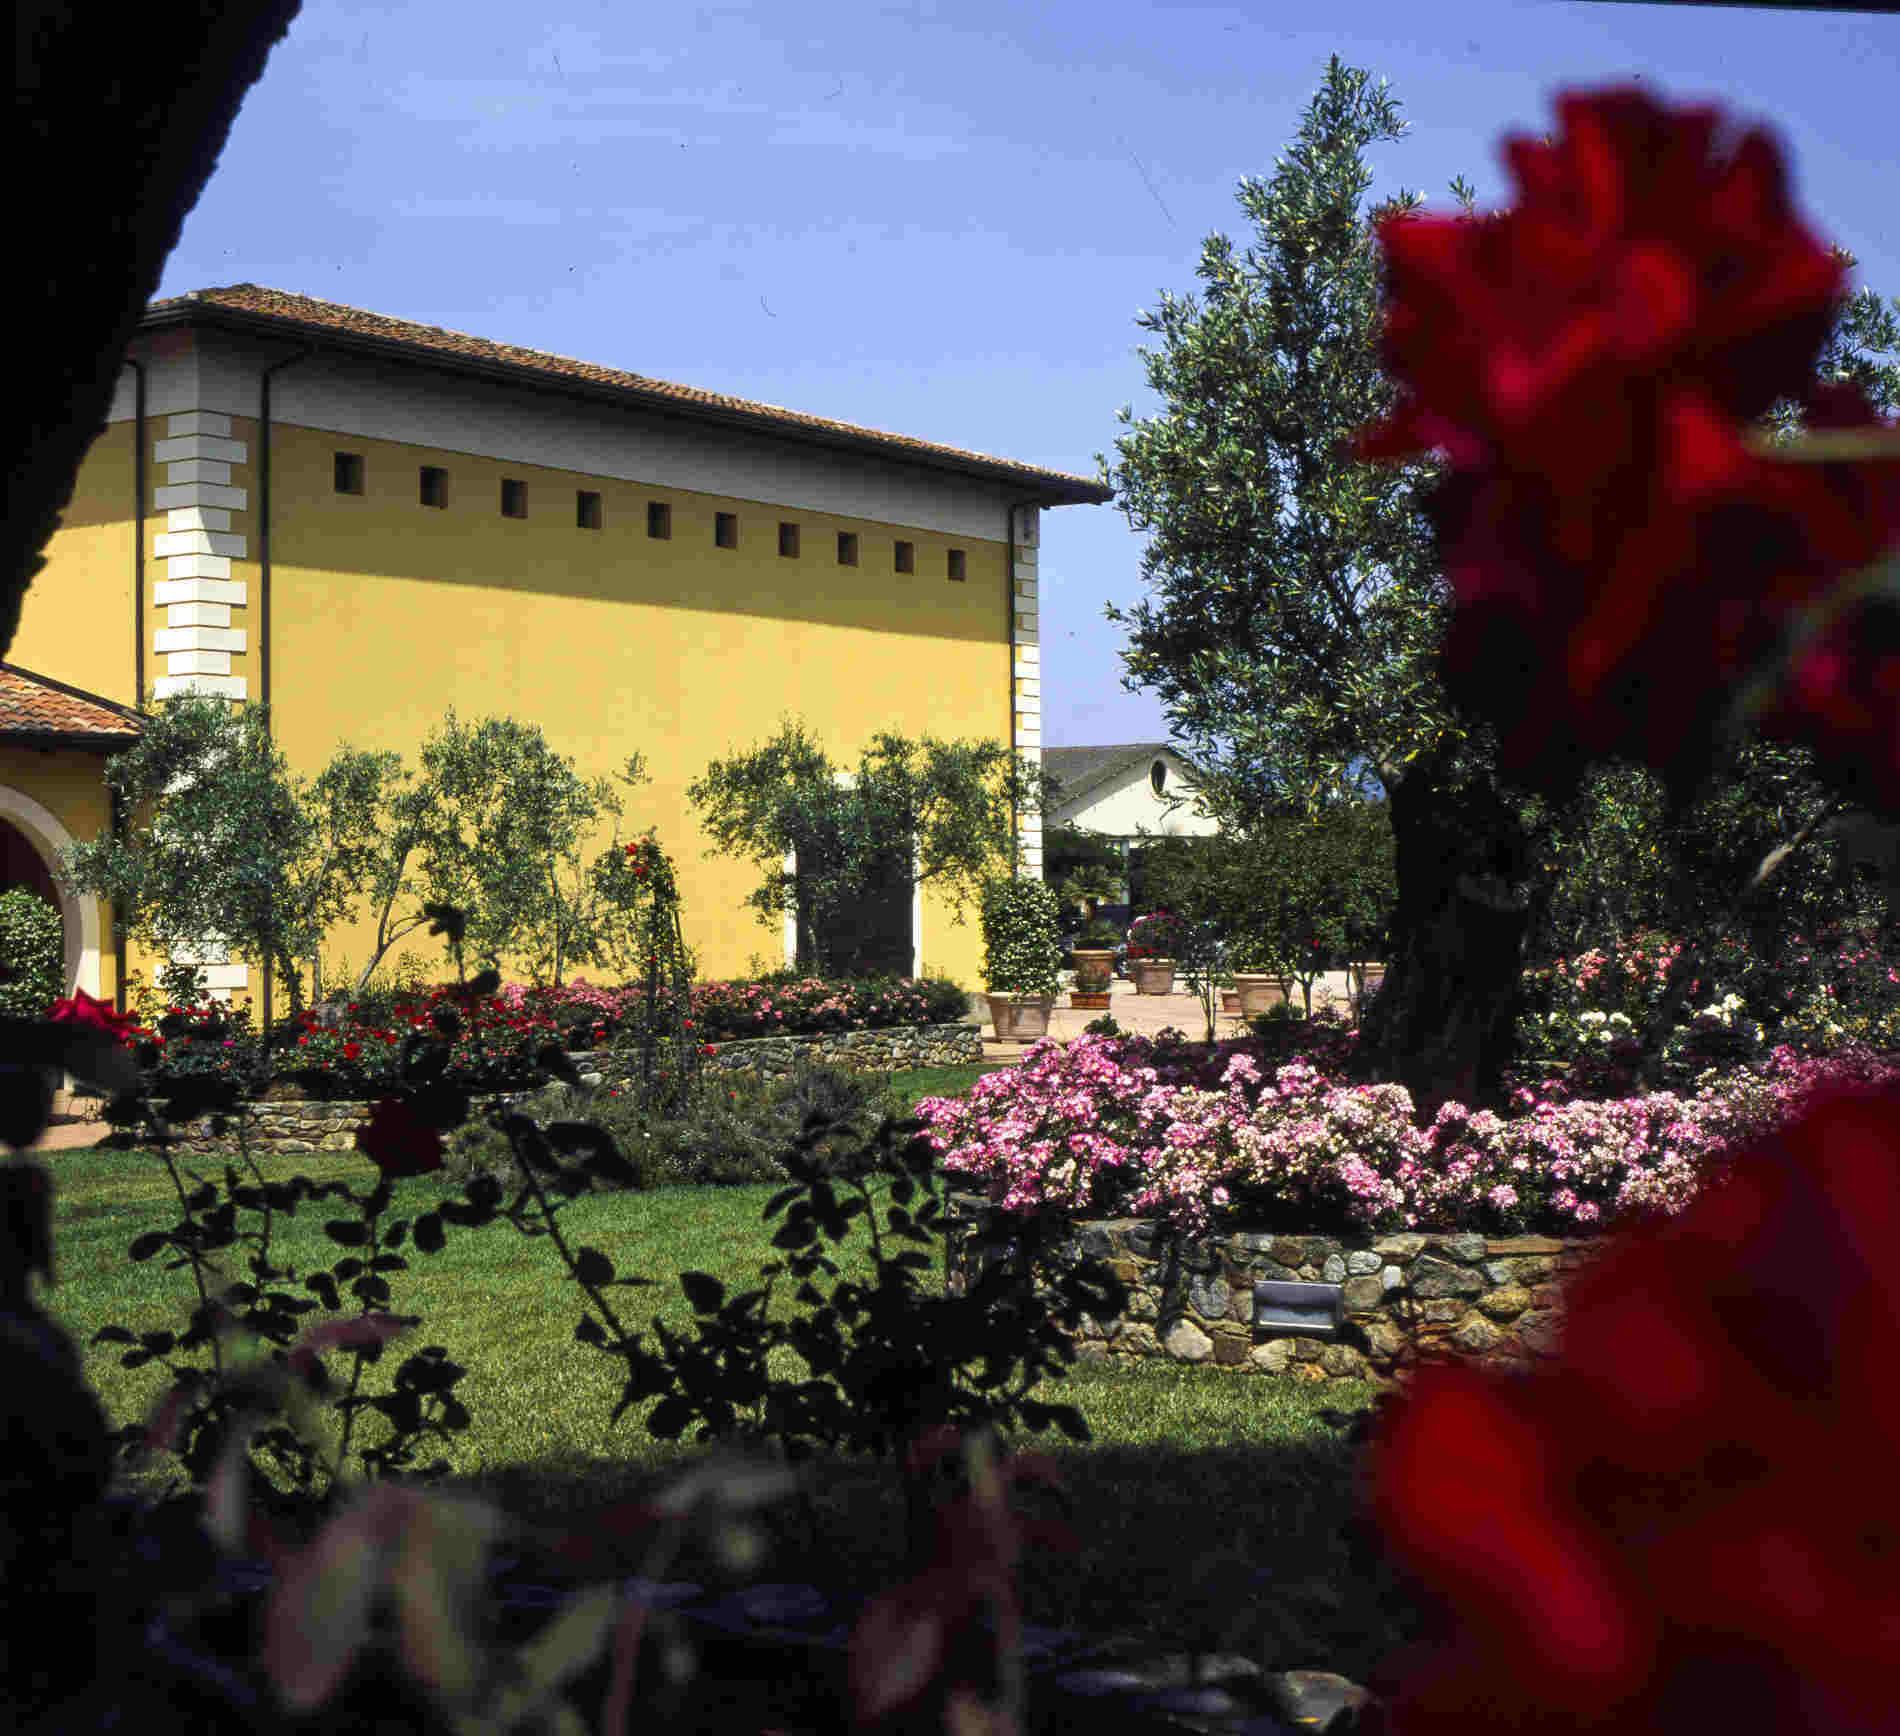 La tenuta della Famiglia Statti: luogo ideale anche per cerimonie!